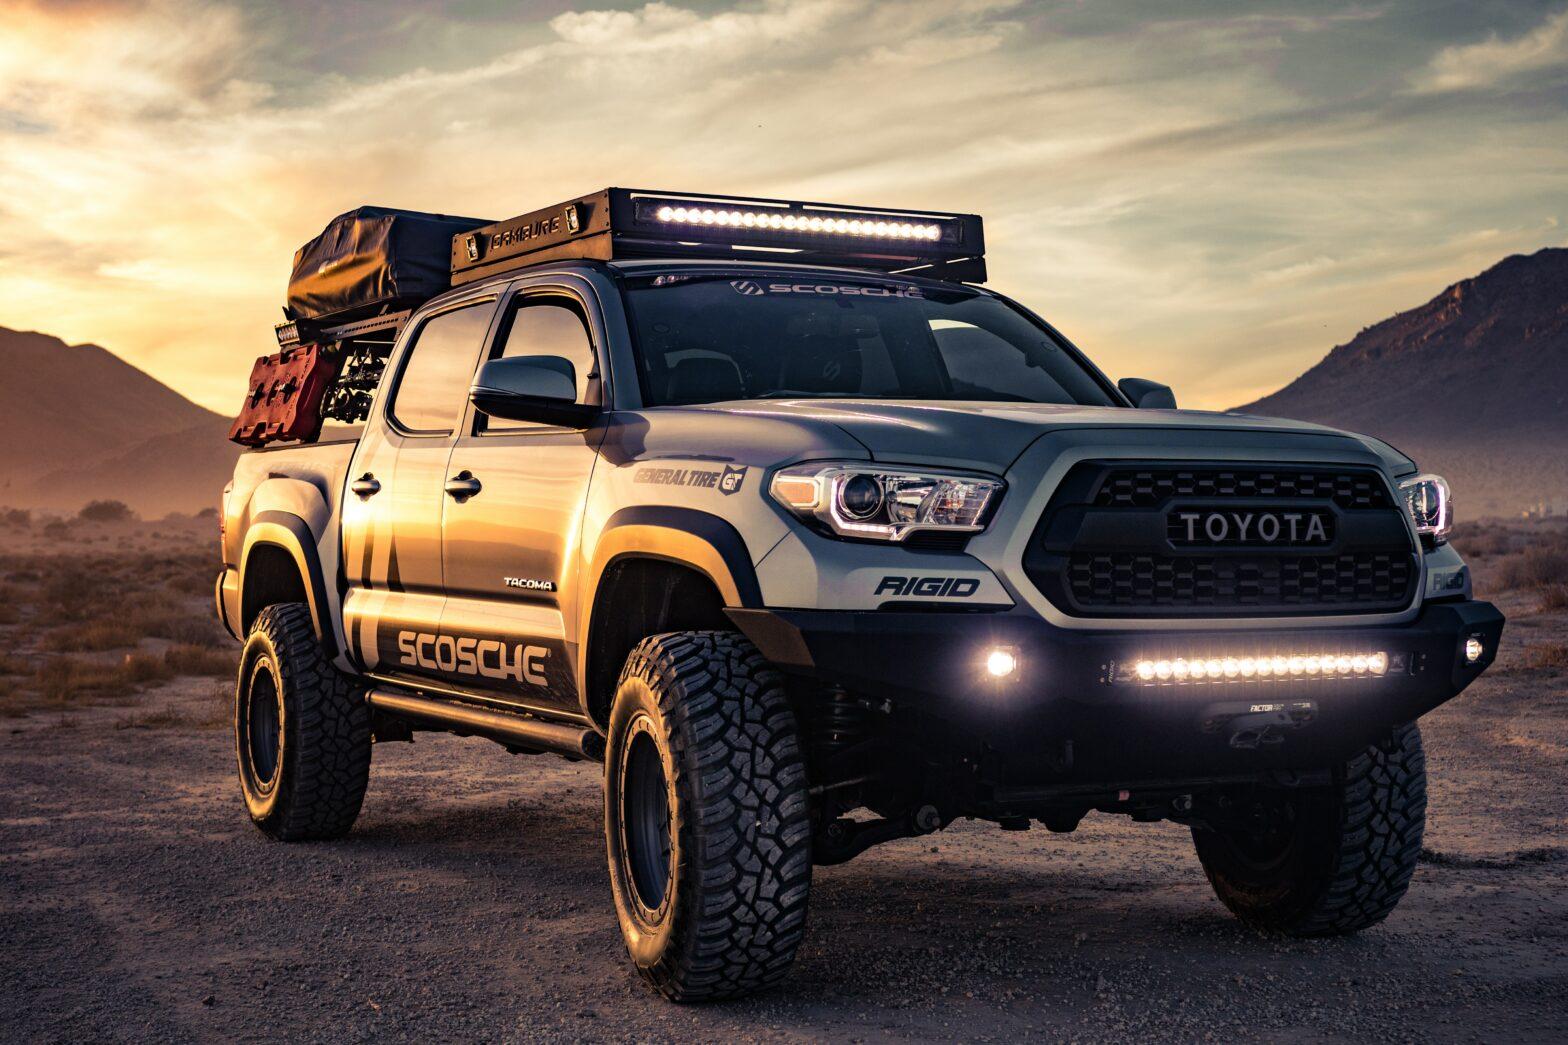 Näin Toyota merkkihuolto eroaa monimerkkikorjaamojen perinteisistä huolloista.